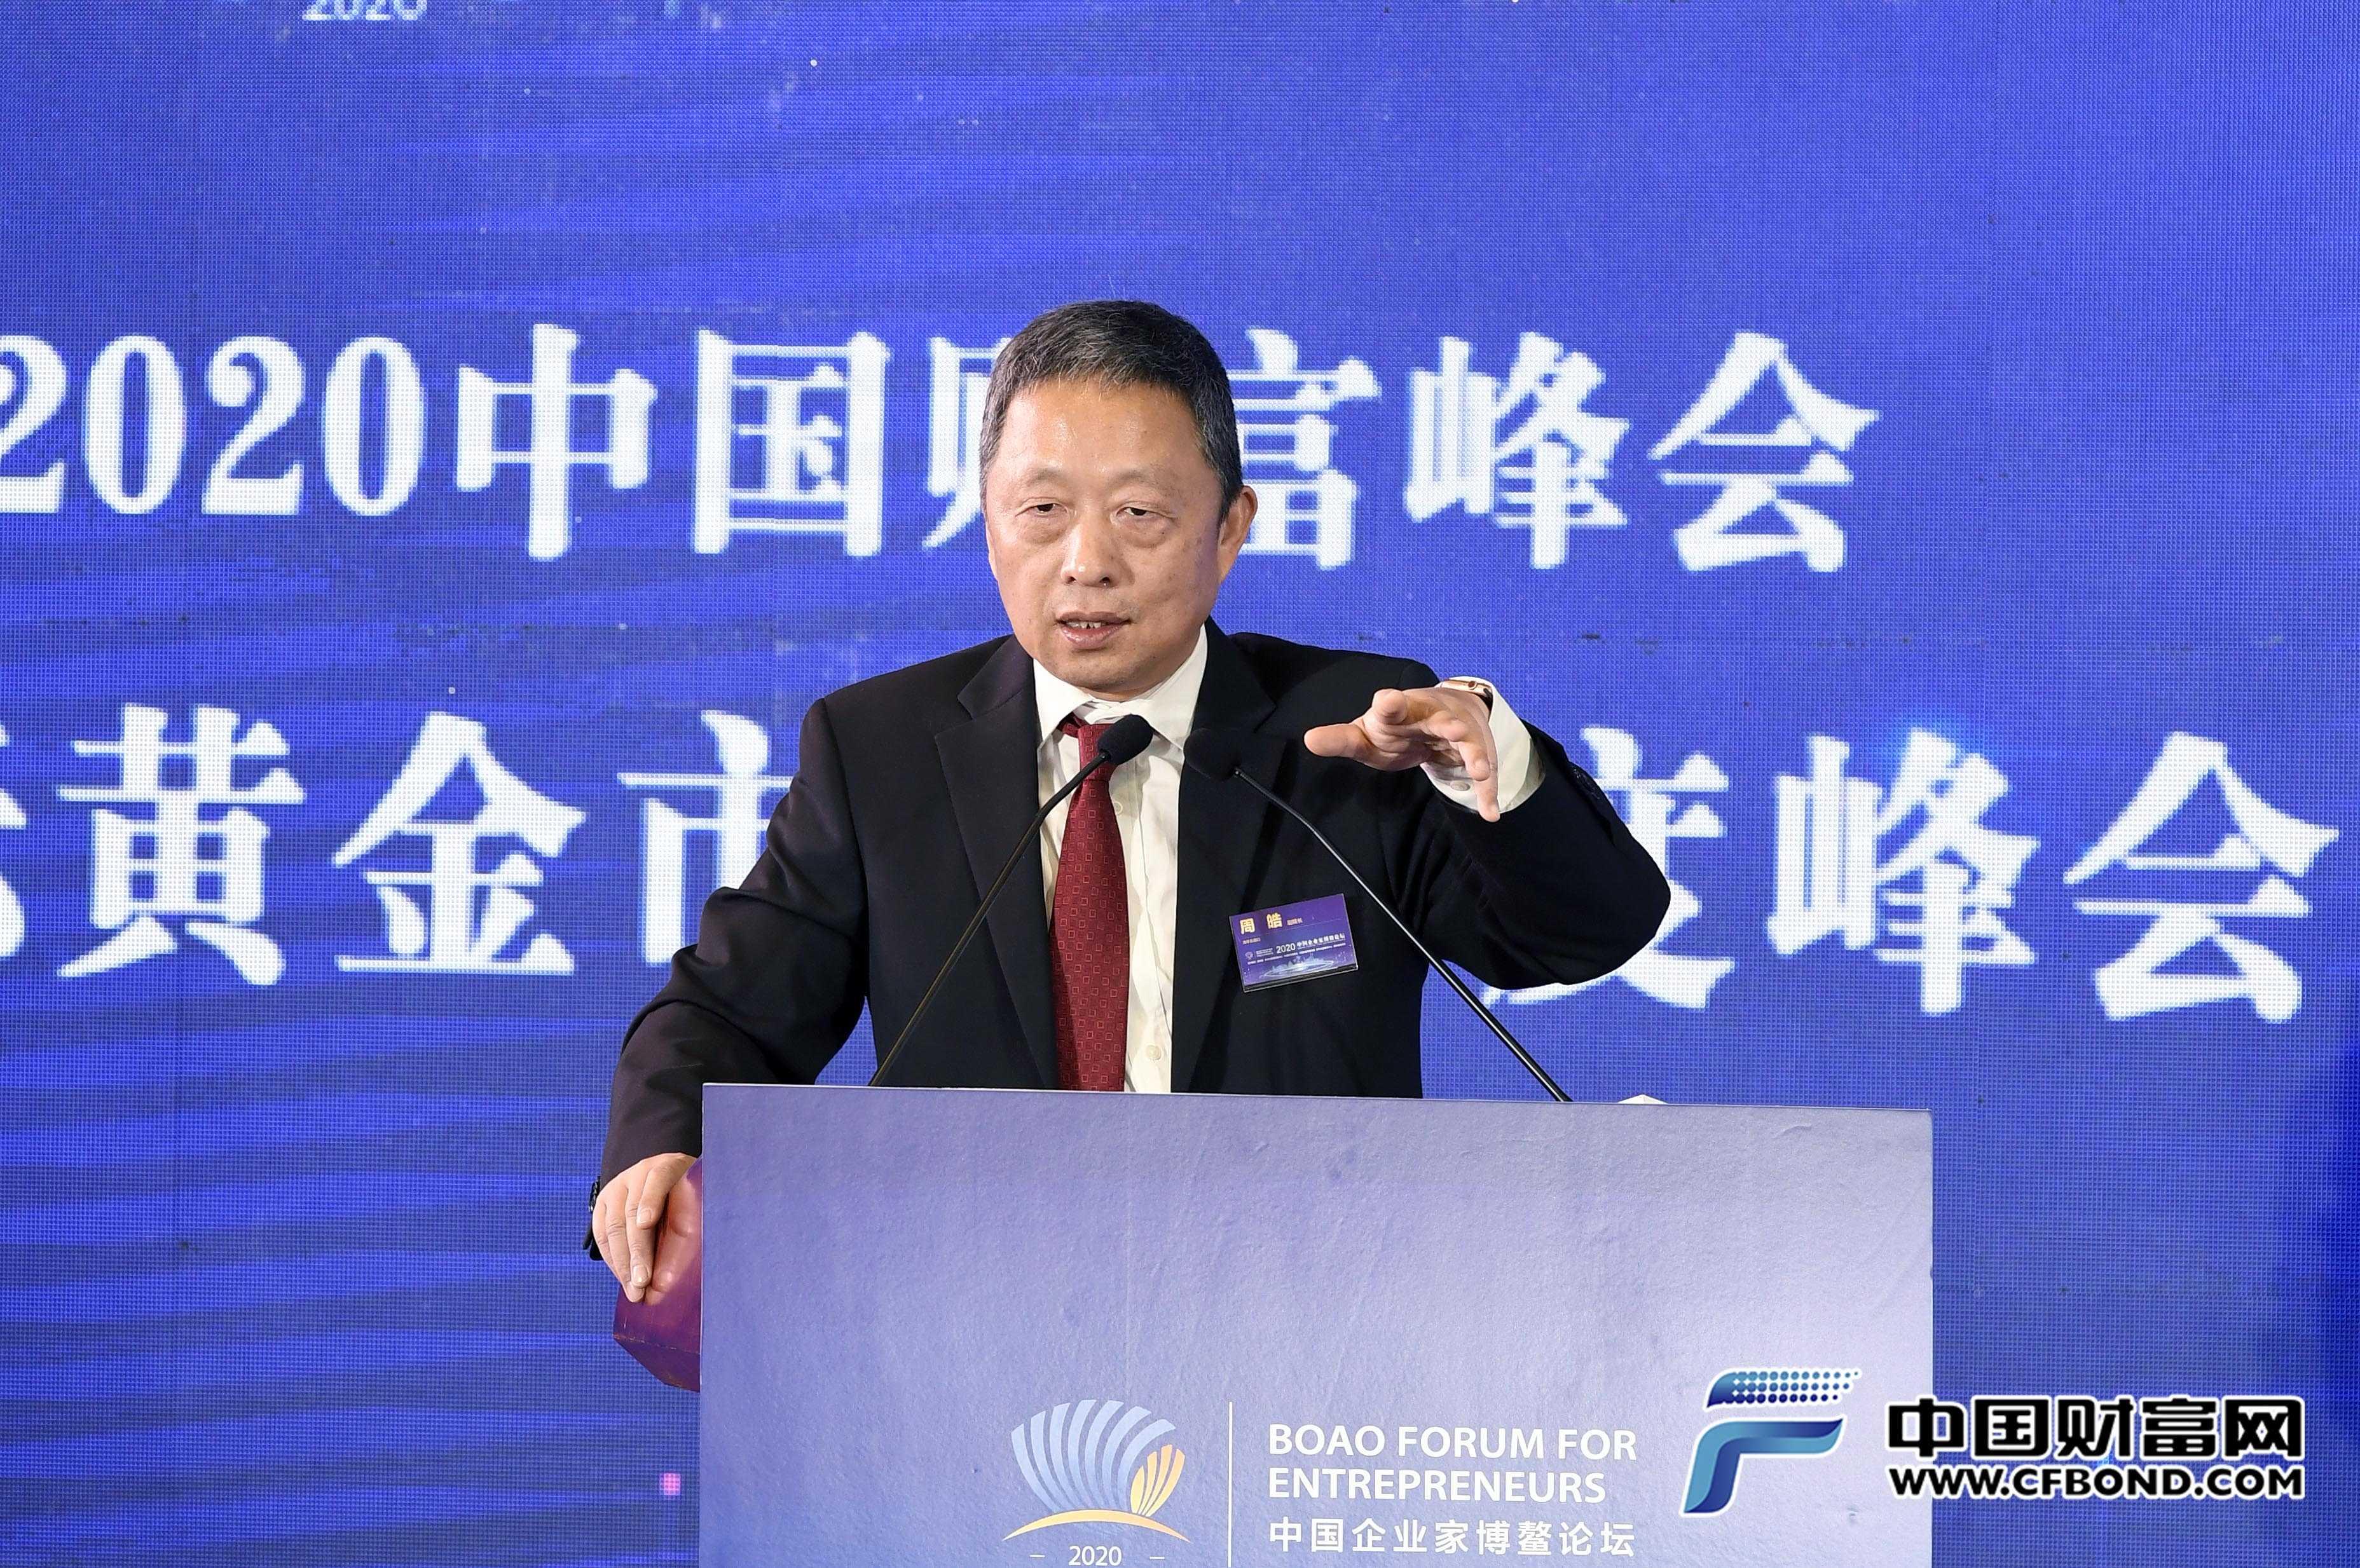 清华大学五道口金融学院副院长周皓发表主旨演讲